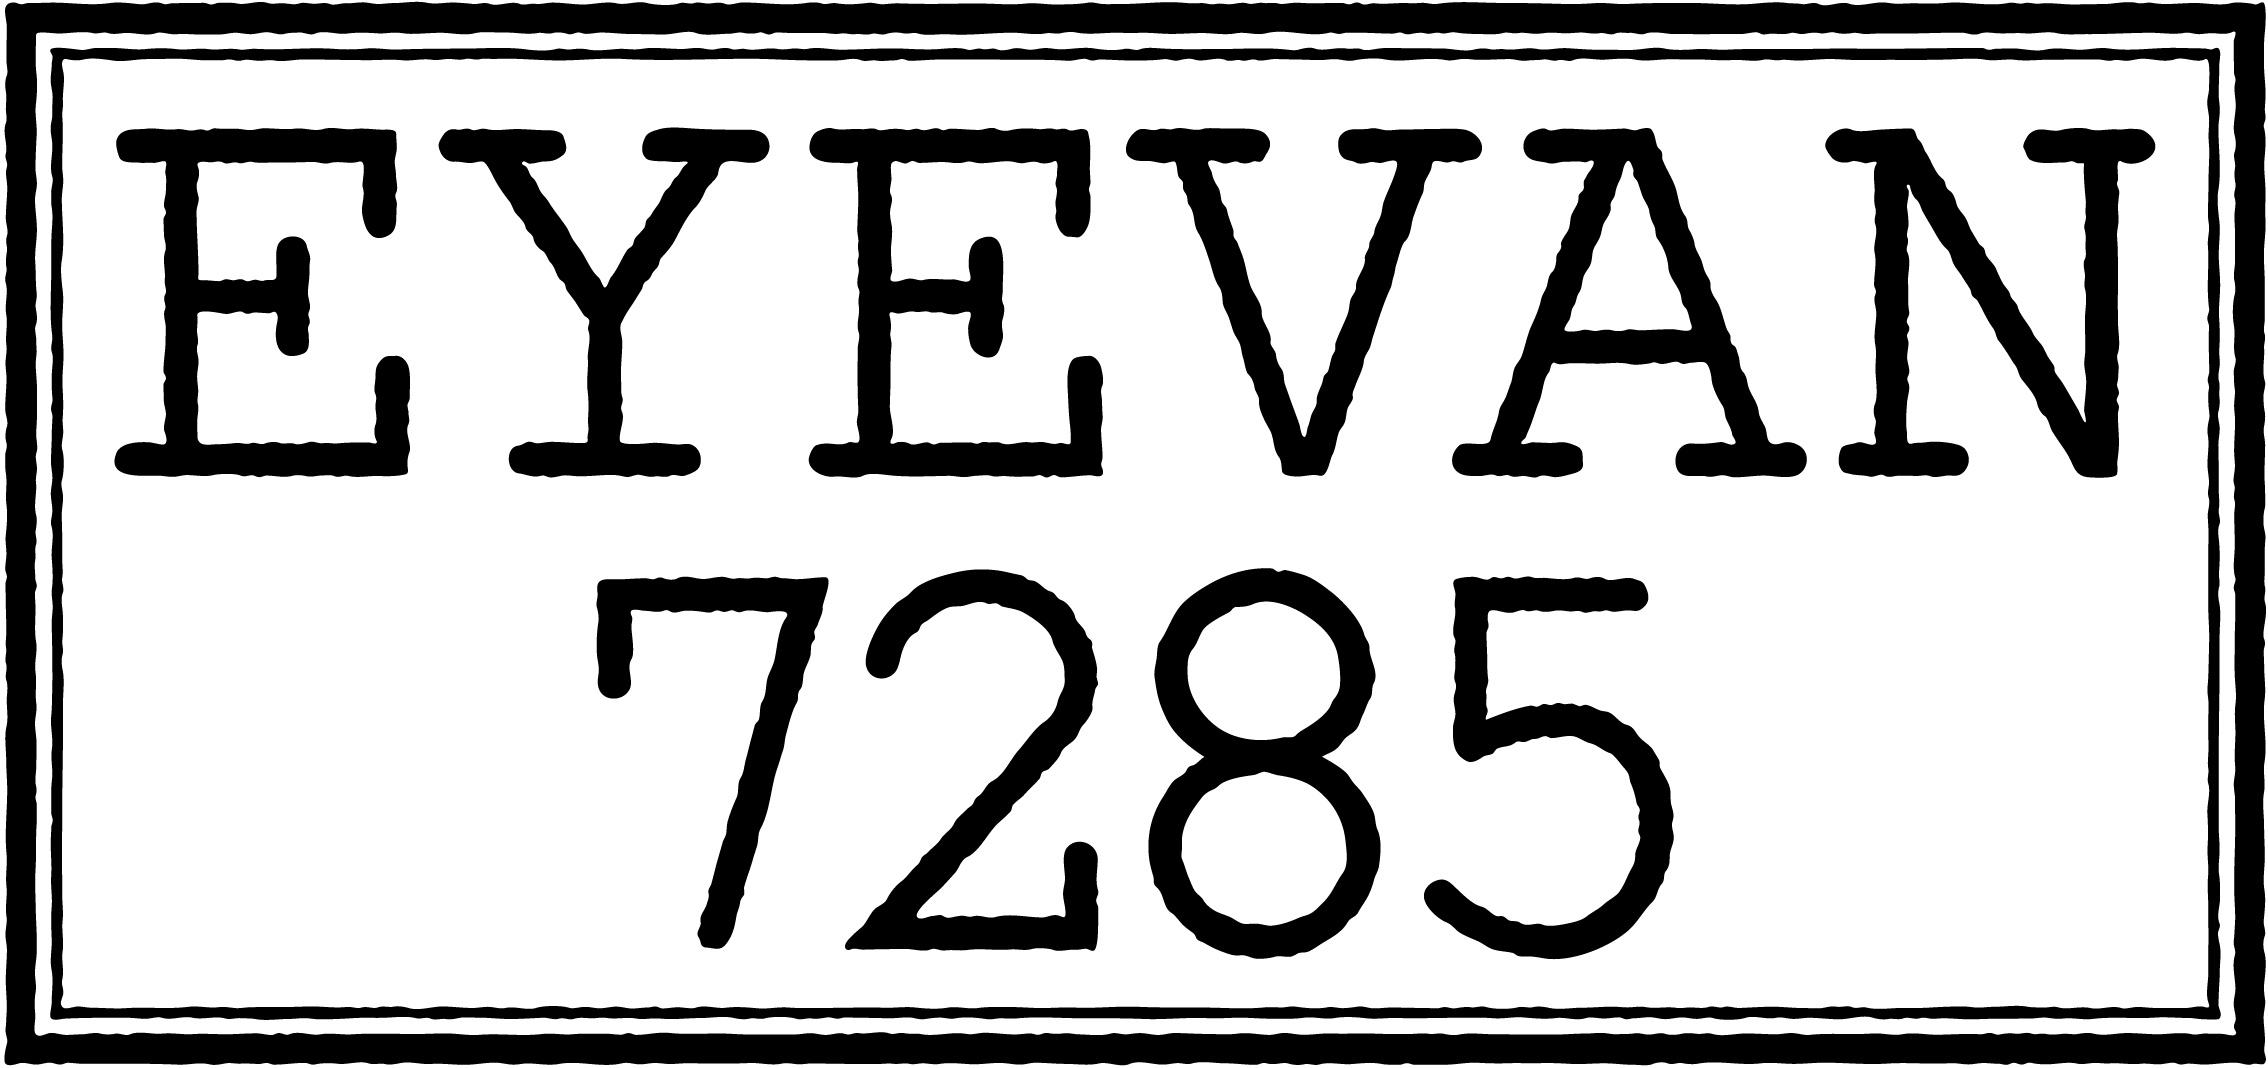 EYEVAN7285 フェア 開催